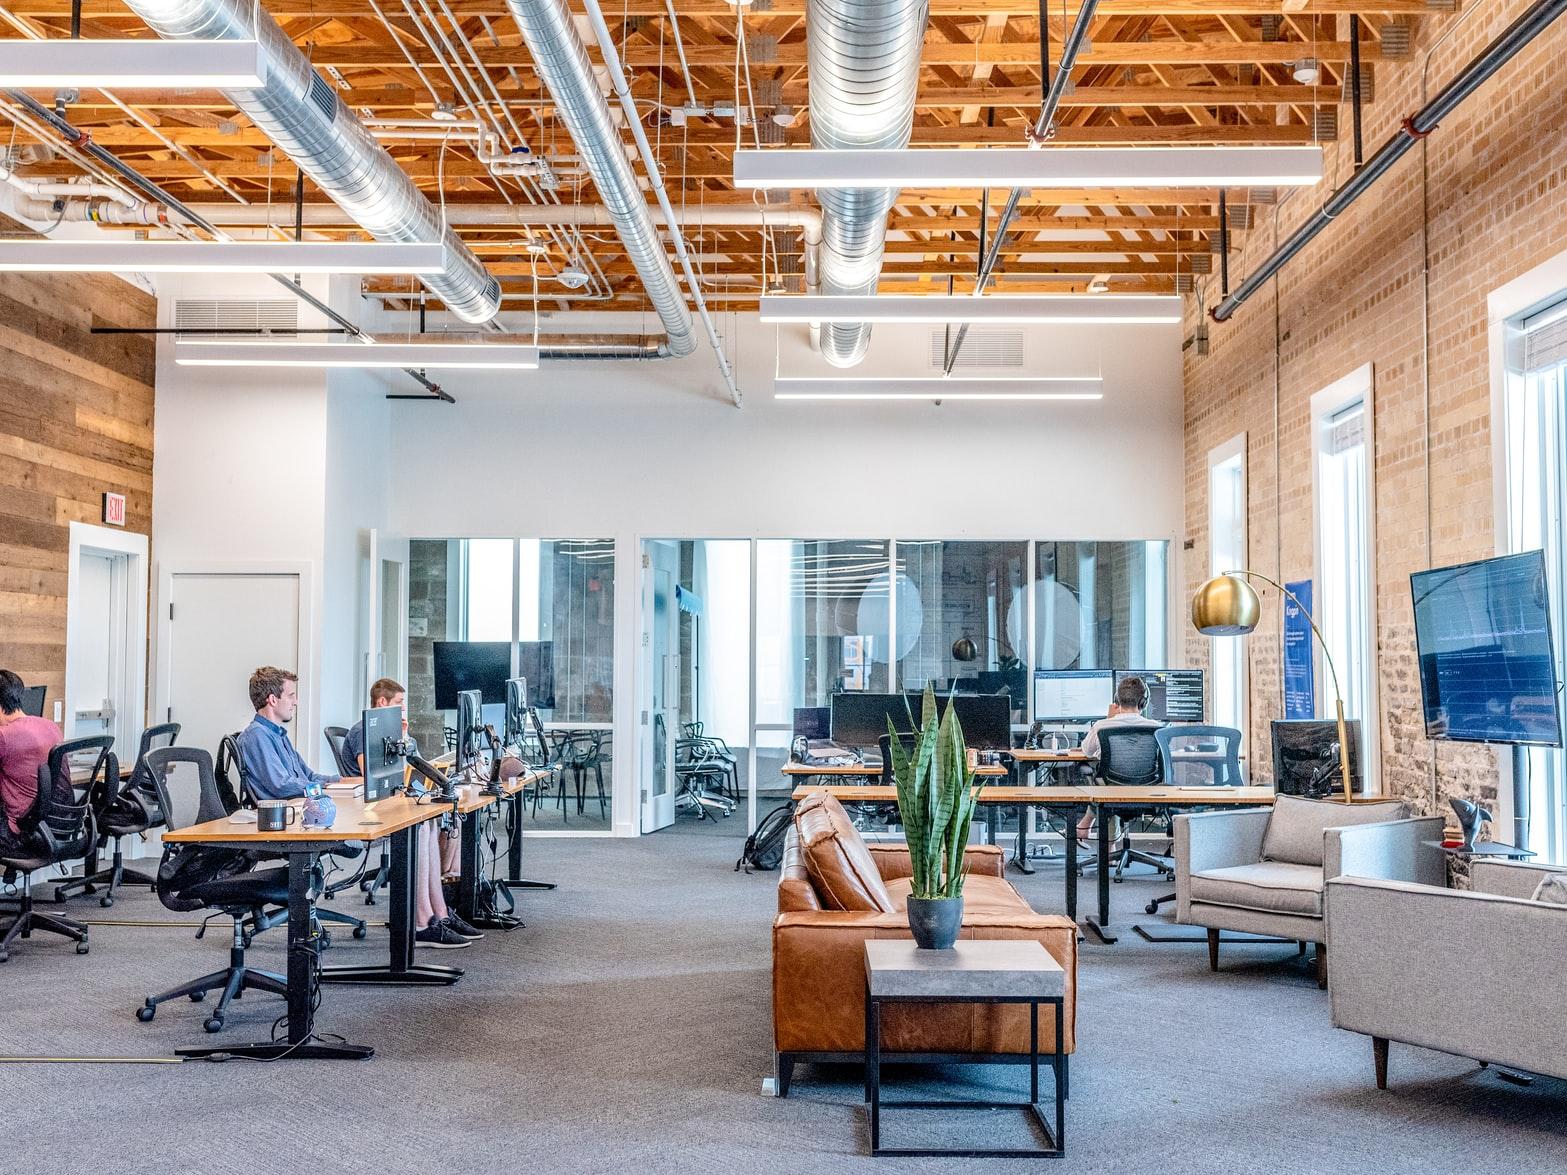 oficina-con-distanciamiento-social